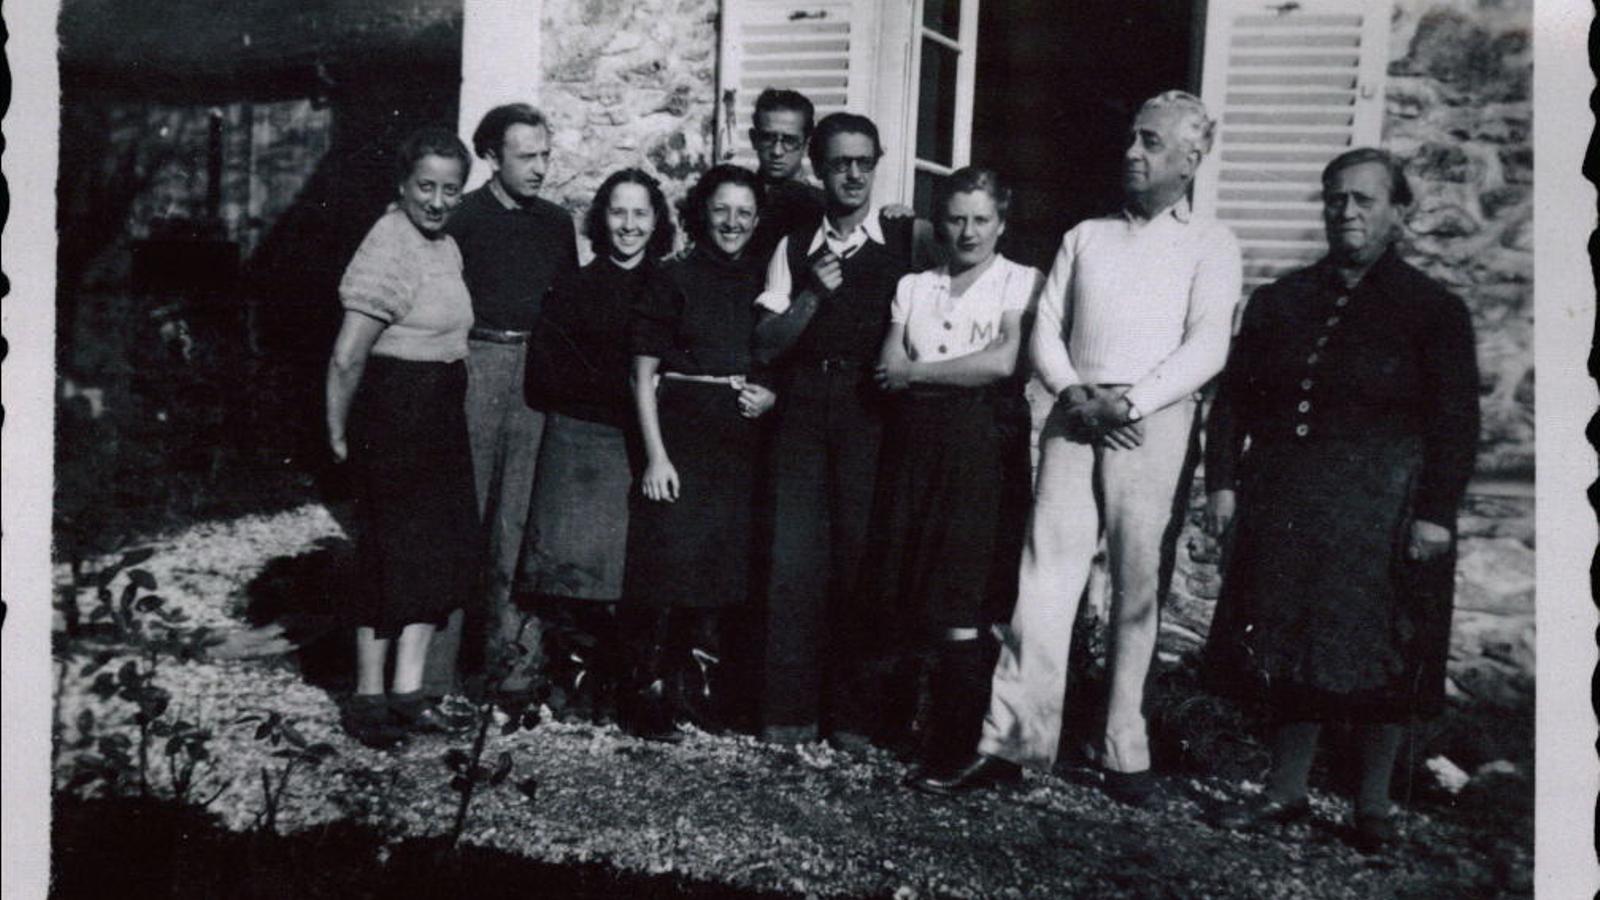 Rodoreda, amb una brusa blanca, entre Joan Prat (a l'esquerra) i Magí Murià (a la dreta), a Roissy-en-Brie el 1939